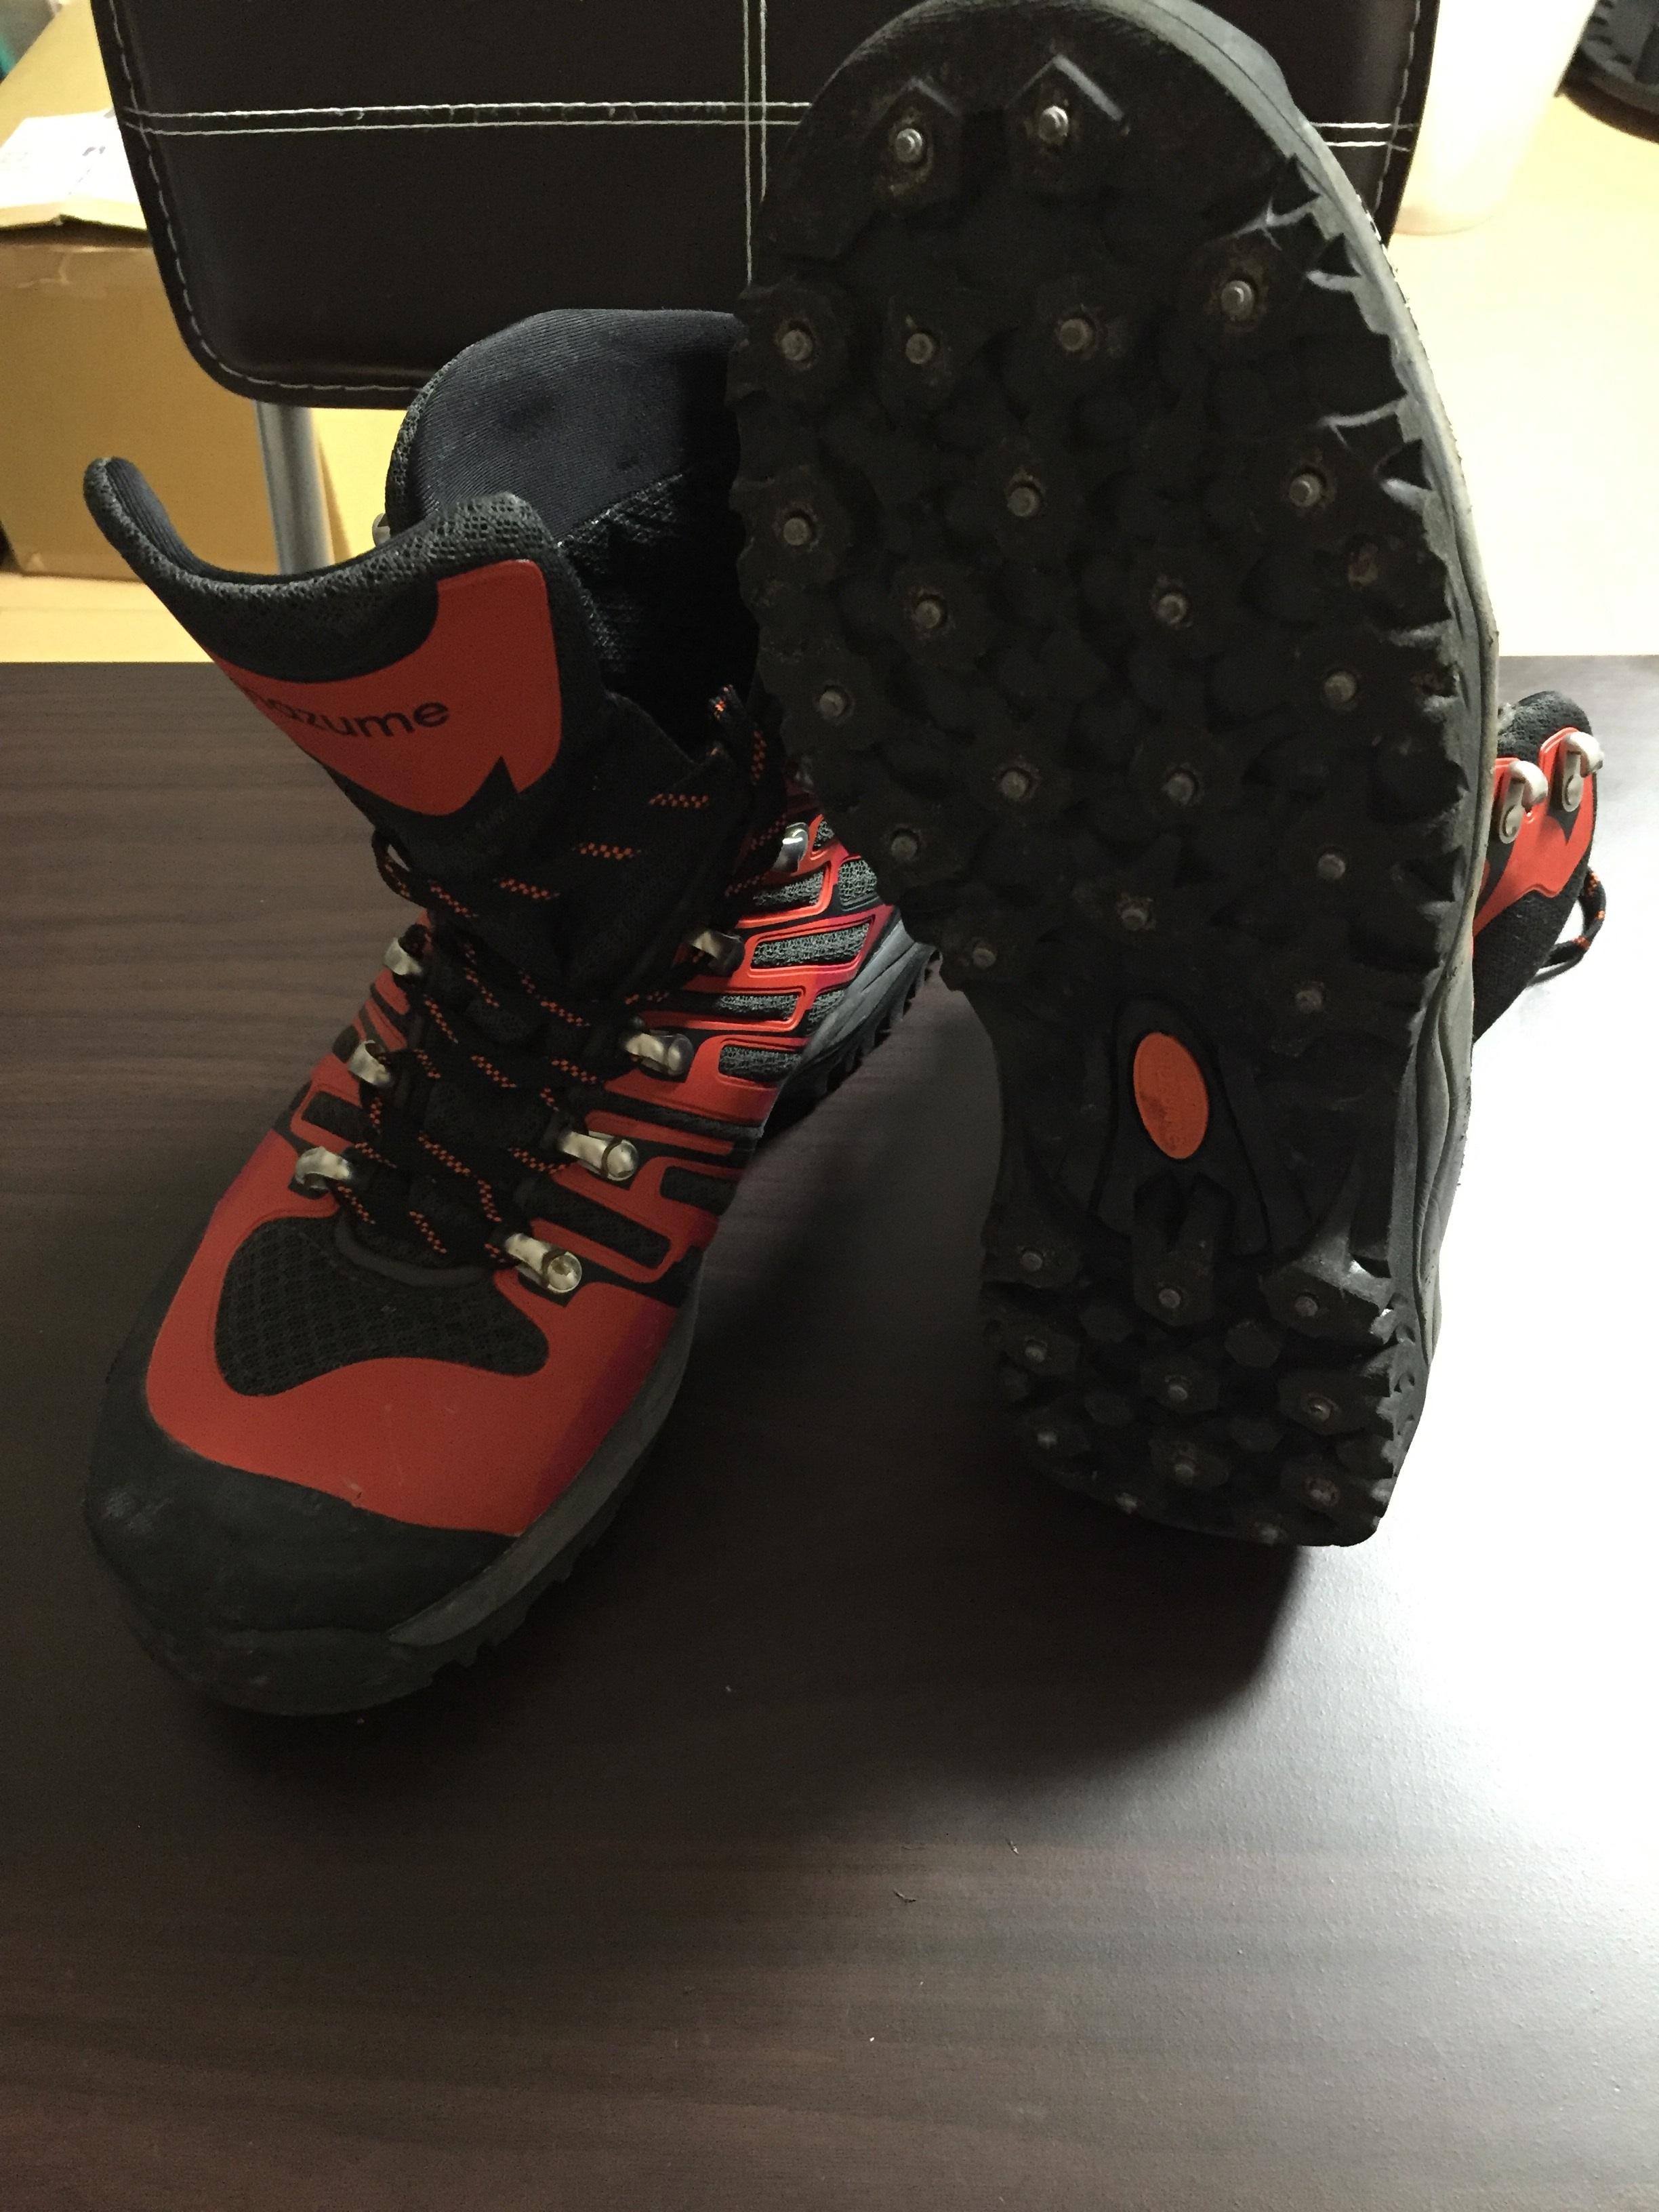 【磯靴界の一番人気】安くて強いマズメおすすめ磯靴MZWD-281のインプレッション・口コミ